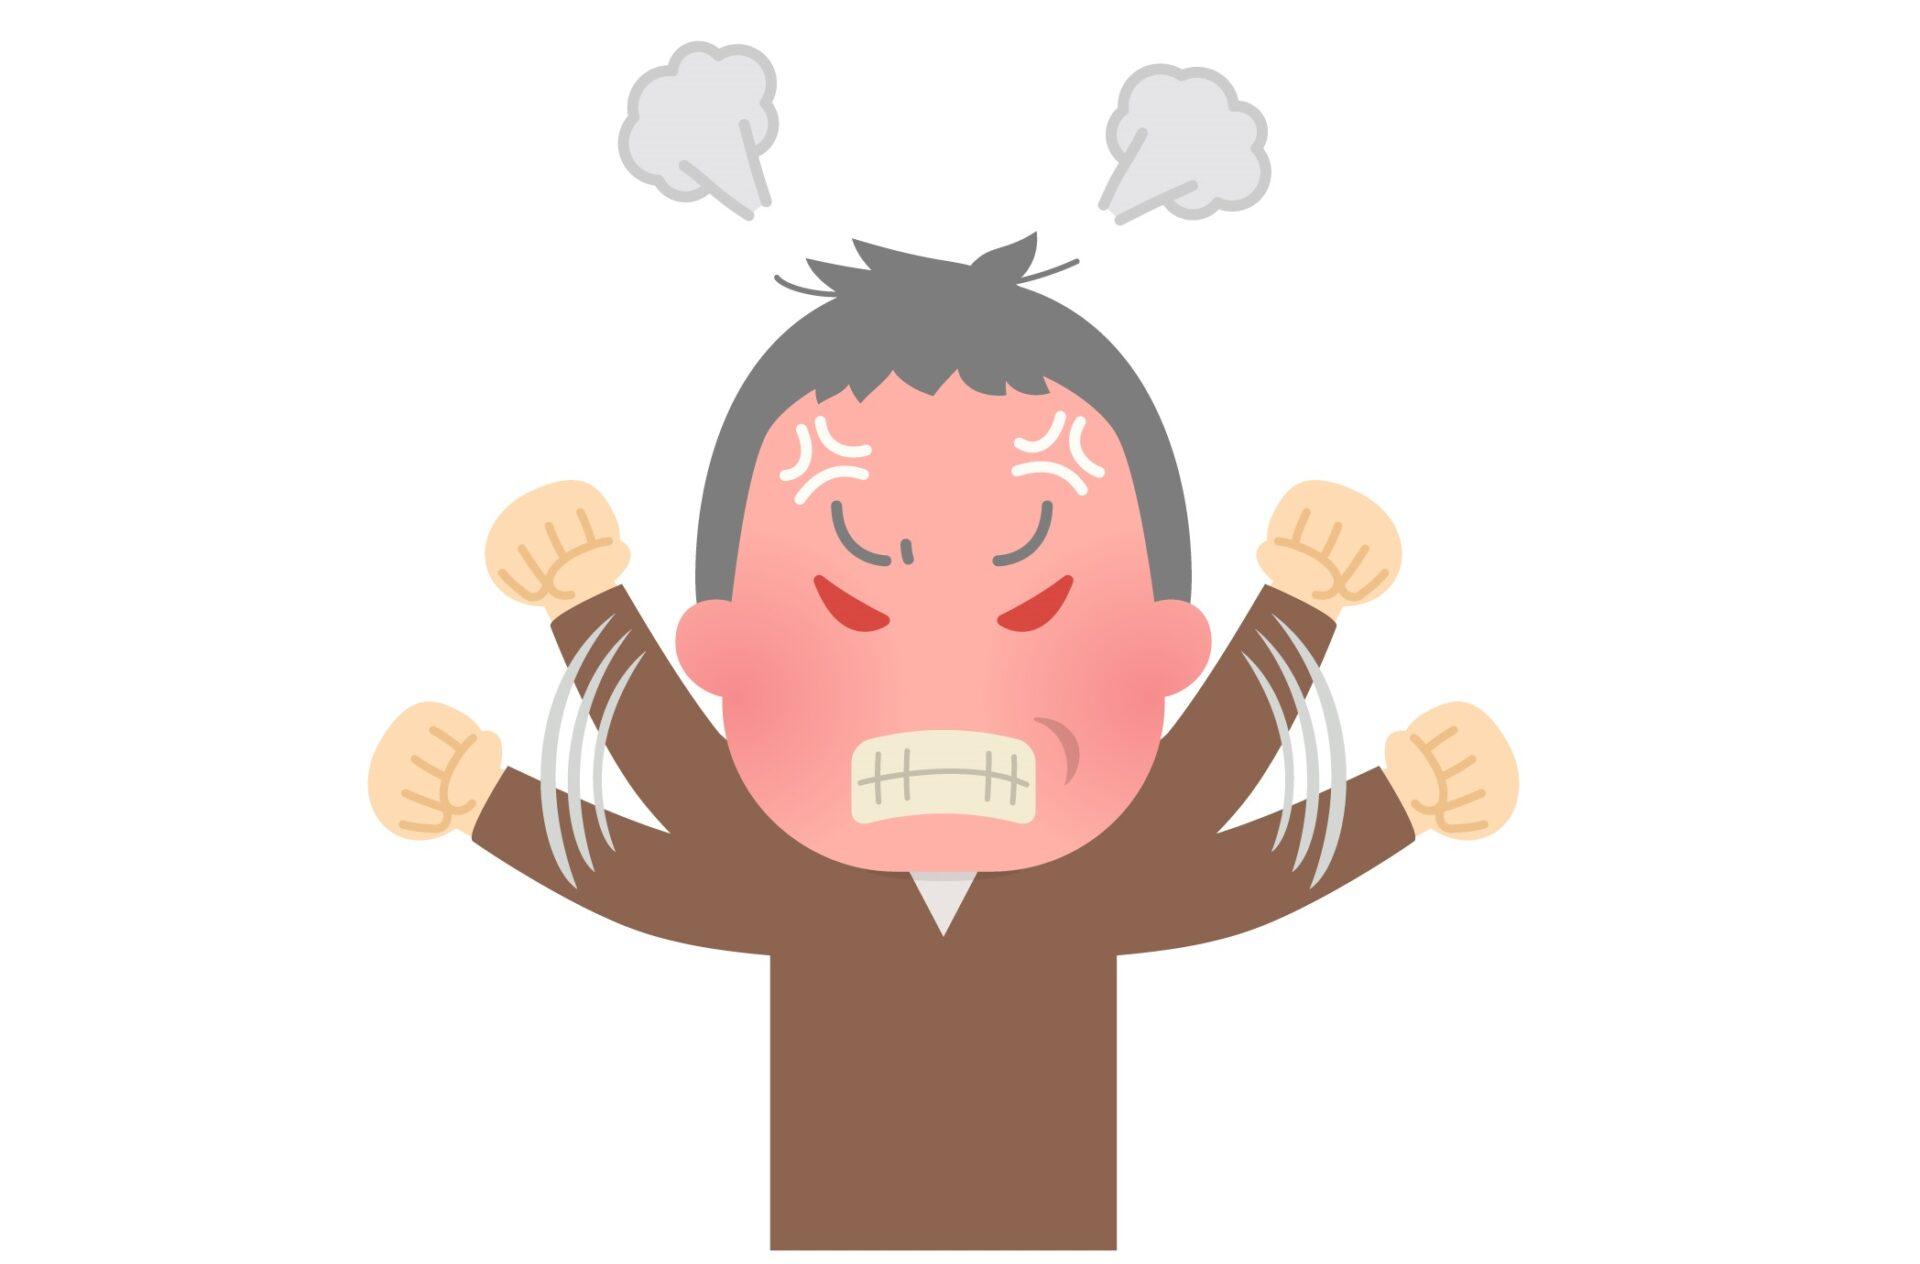 人格を否定されて立ち直れない。職場での暴言が辛い人のための対処法。